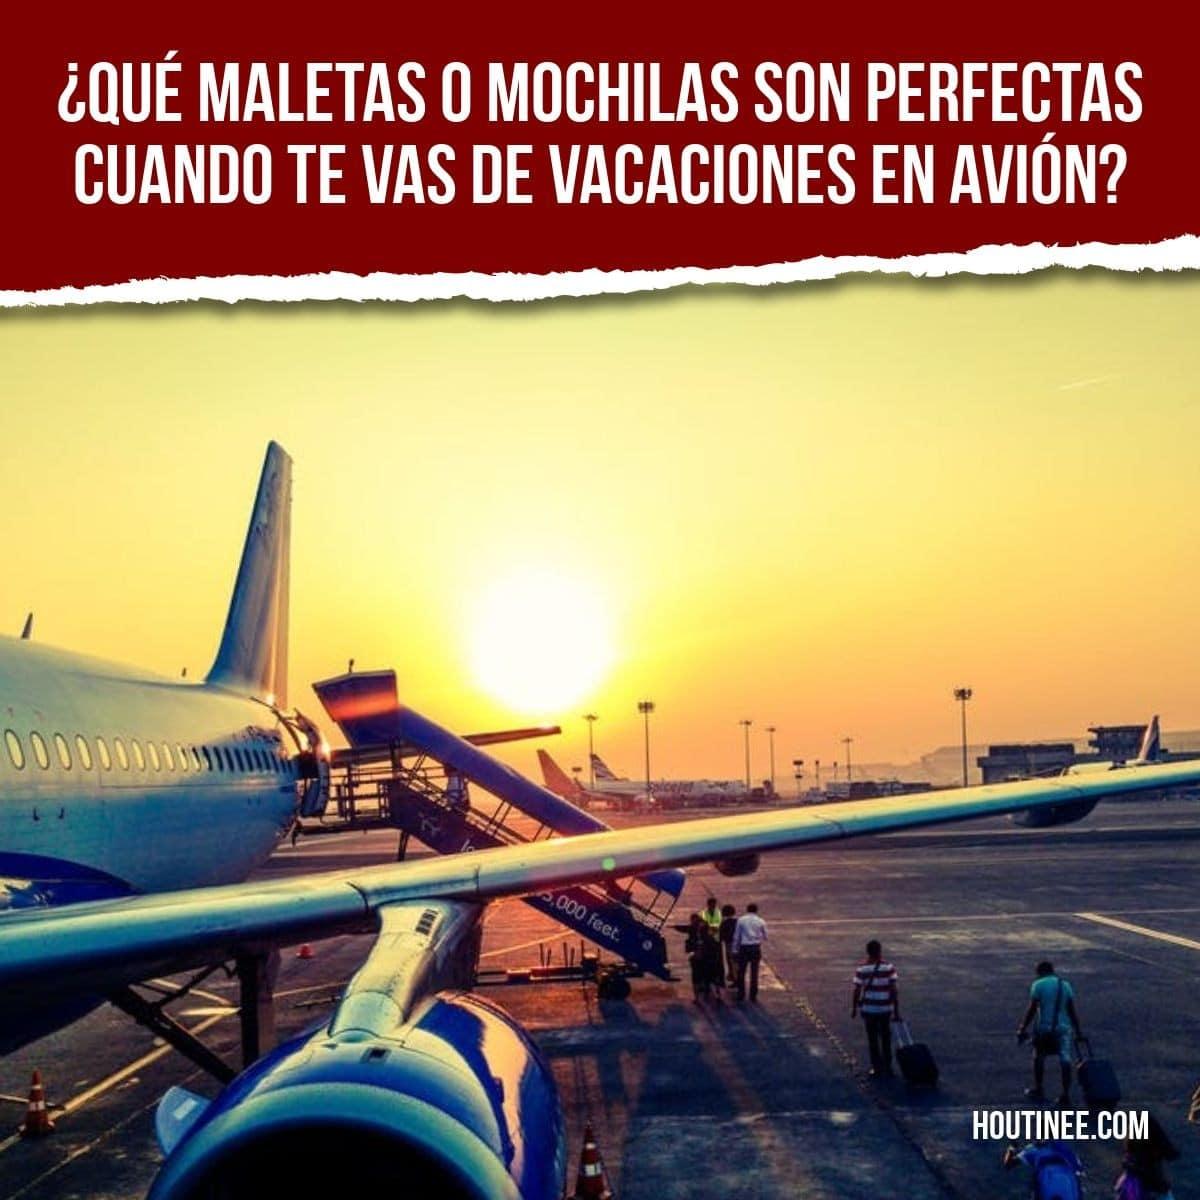 ¿Qué maletas o mochilas son perfectas cuando te vas de vacaciones en avión?